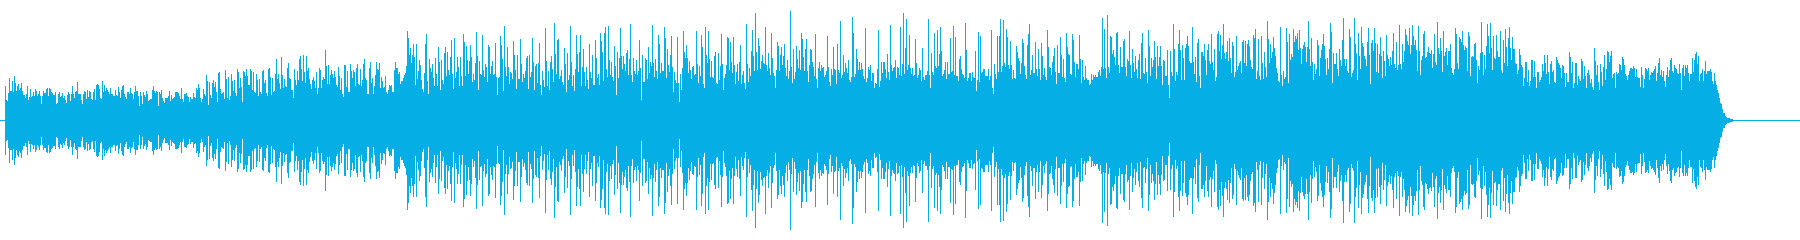 トリップ物、シュールなハウスの再生済みの波形